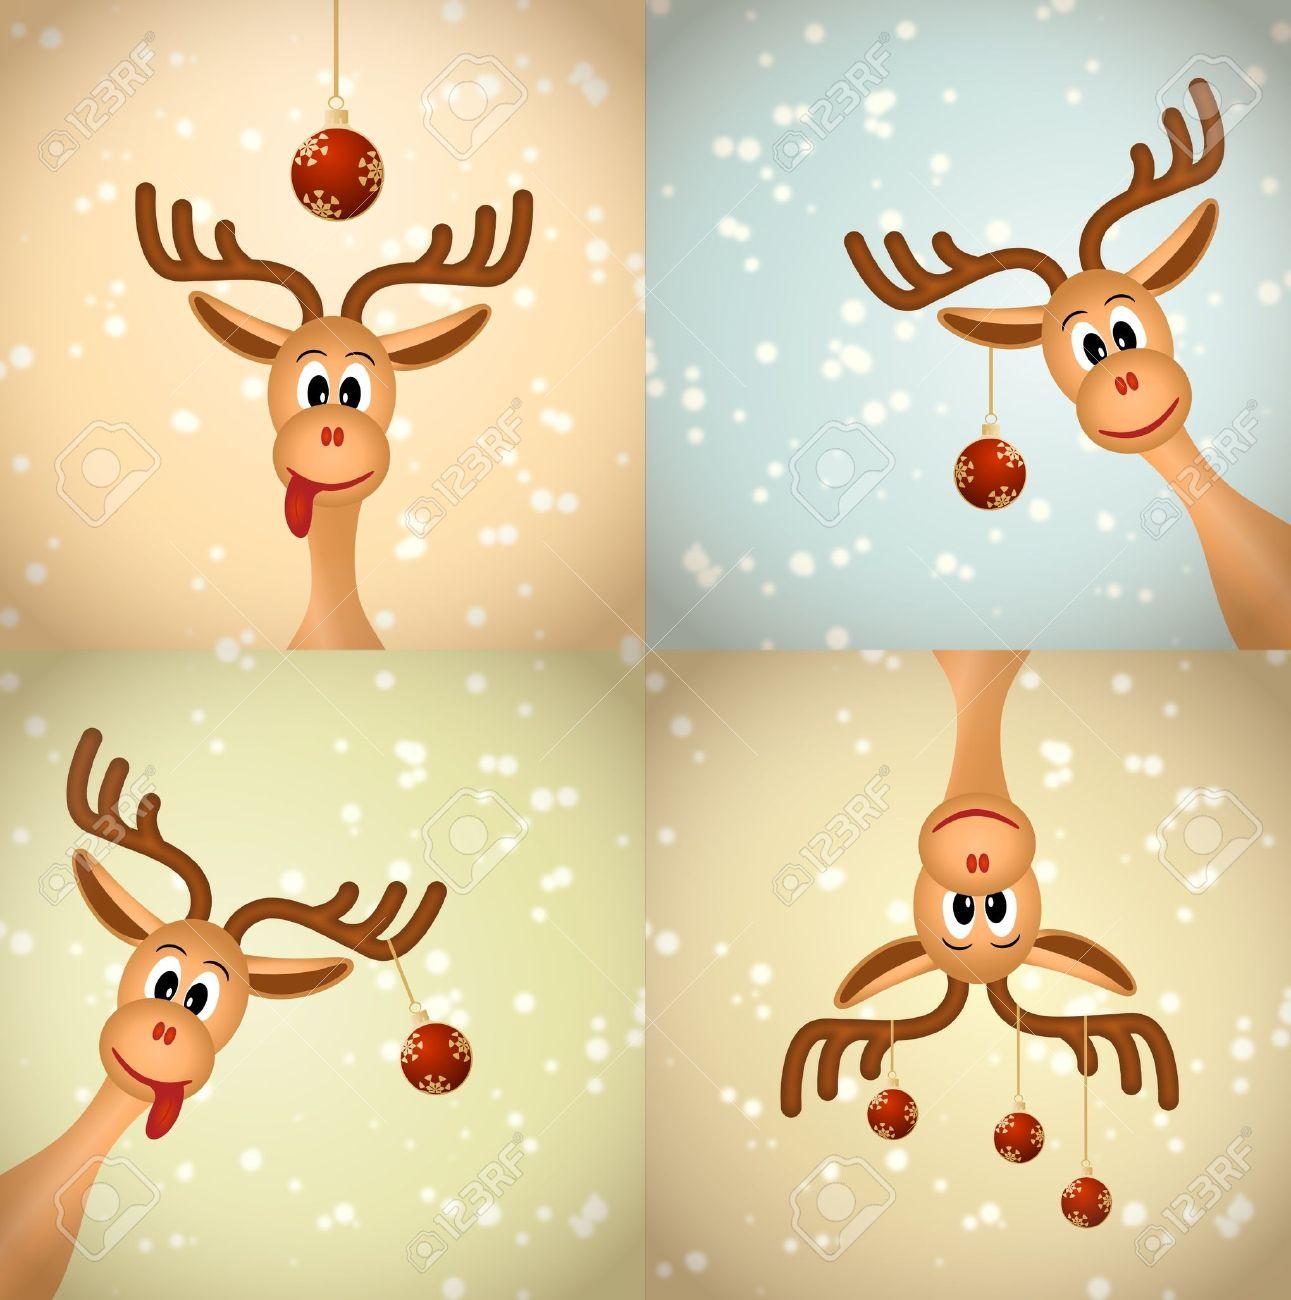 cuatro renos de navidad graciosas de navidad bolas nad nieve ilustracin de mapa de bits